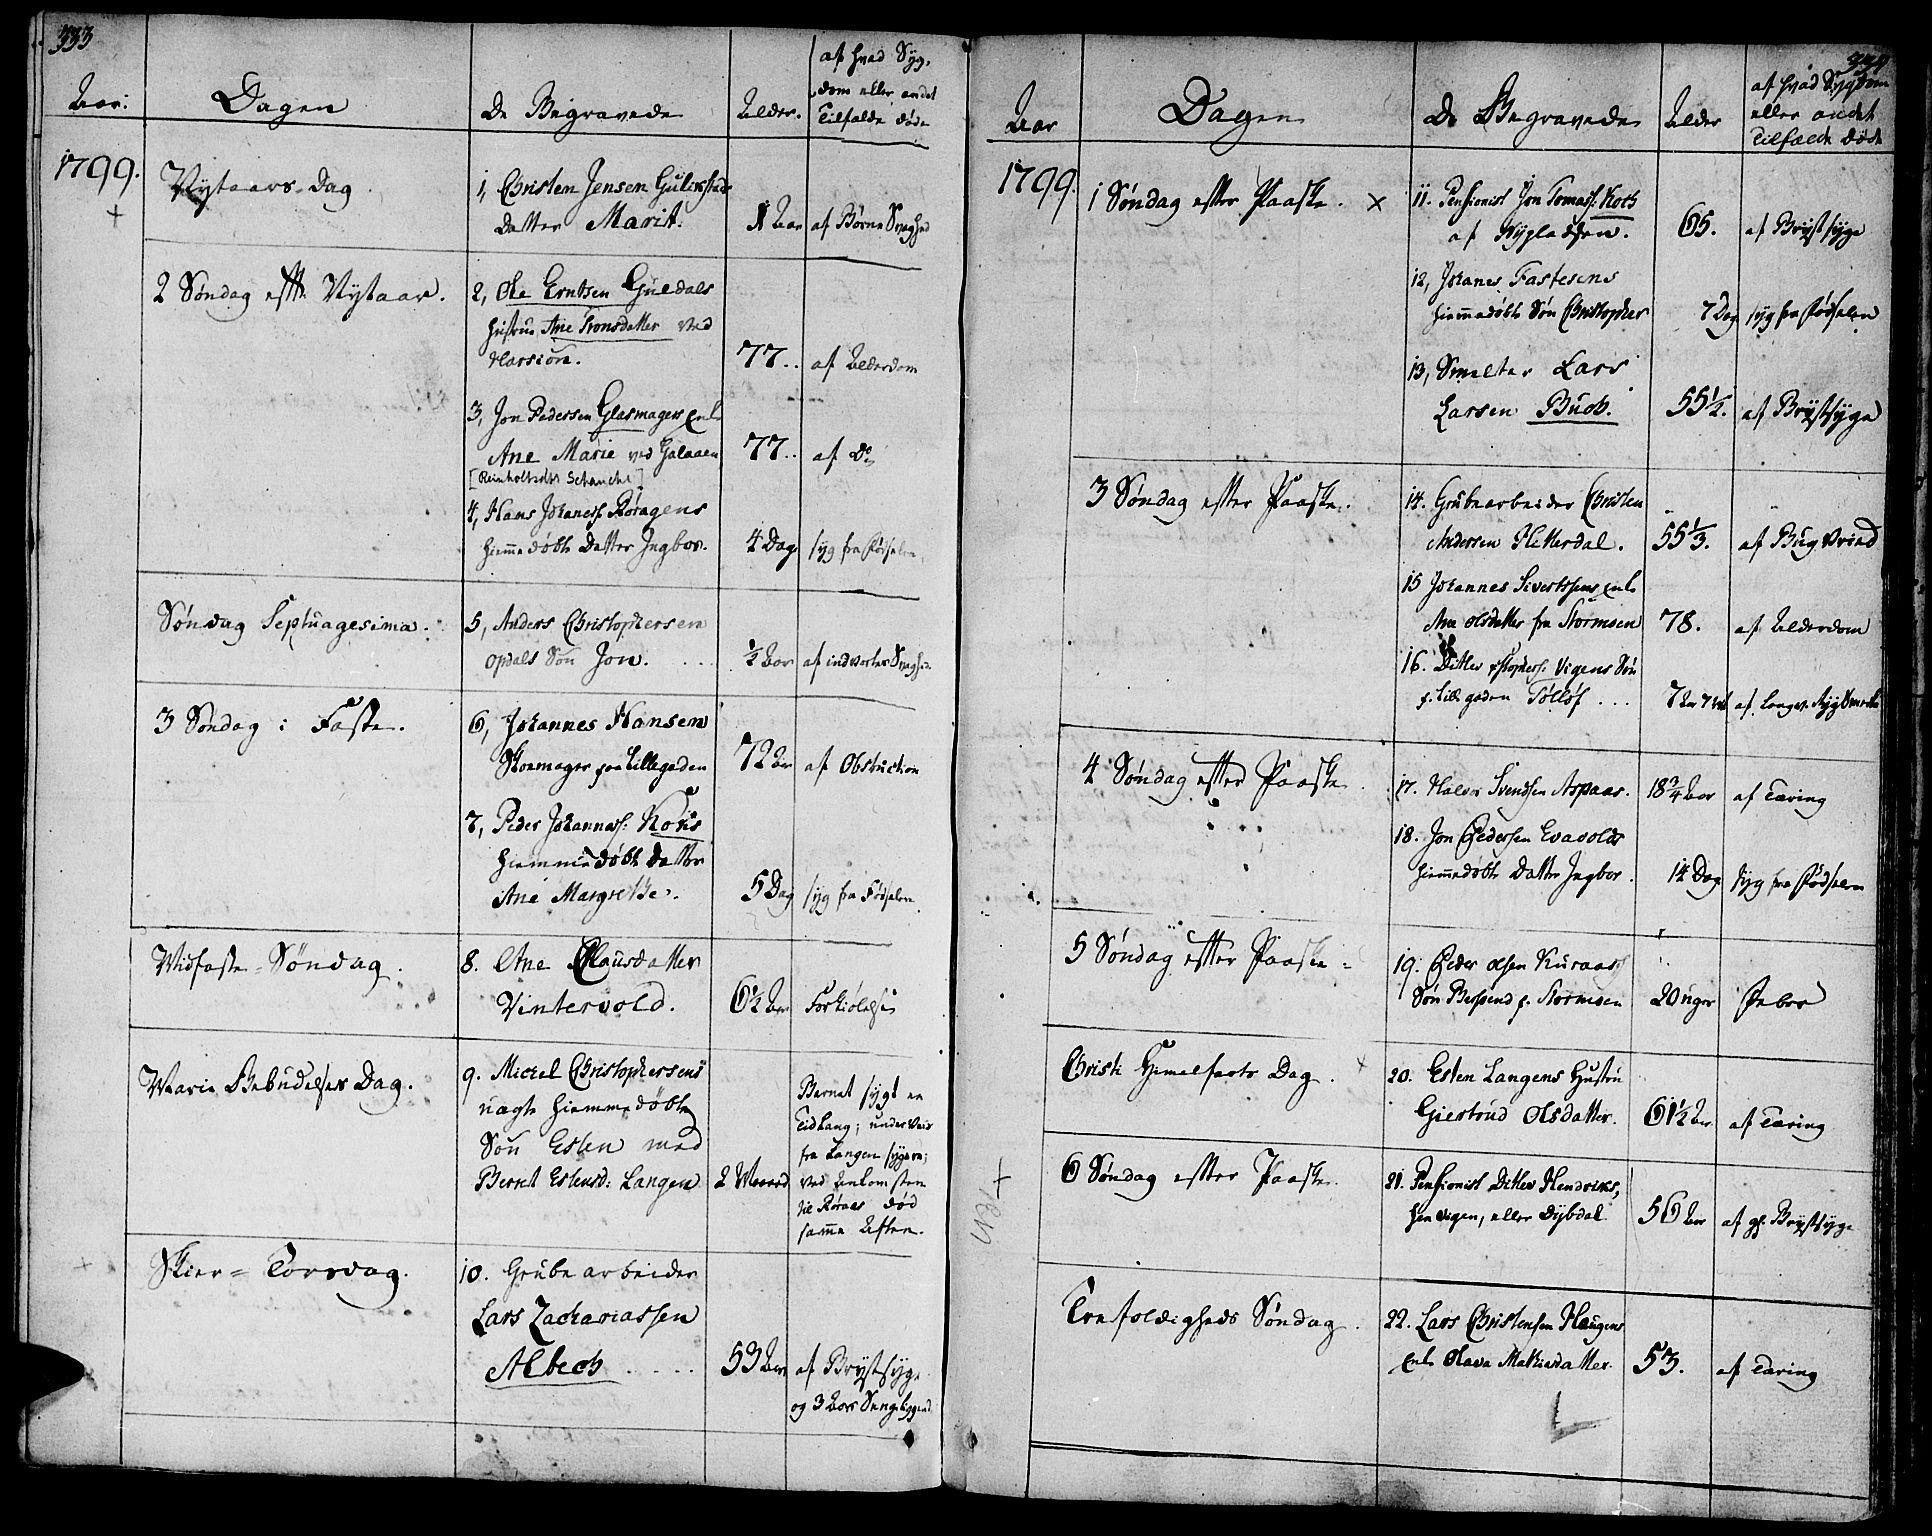 SAT, Ministerialprotokoller, klokkerbøker og fødselsregistre - Sør-Trøndelag, 681/L0927: Ministerialbok nr. 681A05, 1798-1808, s. 333-334